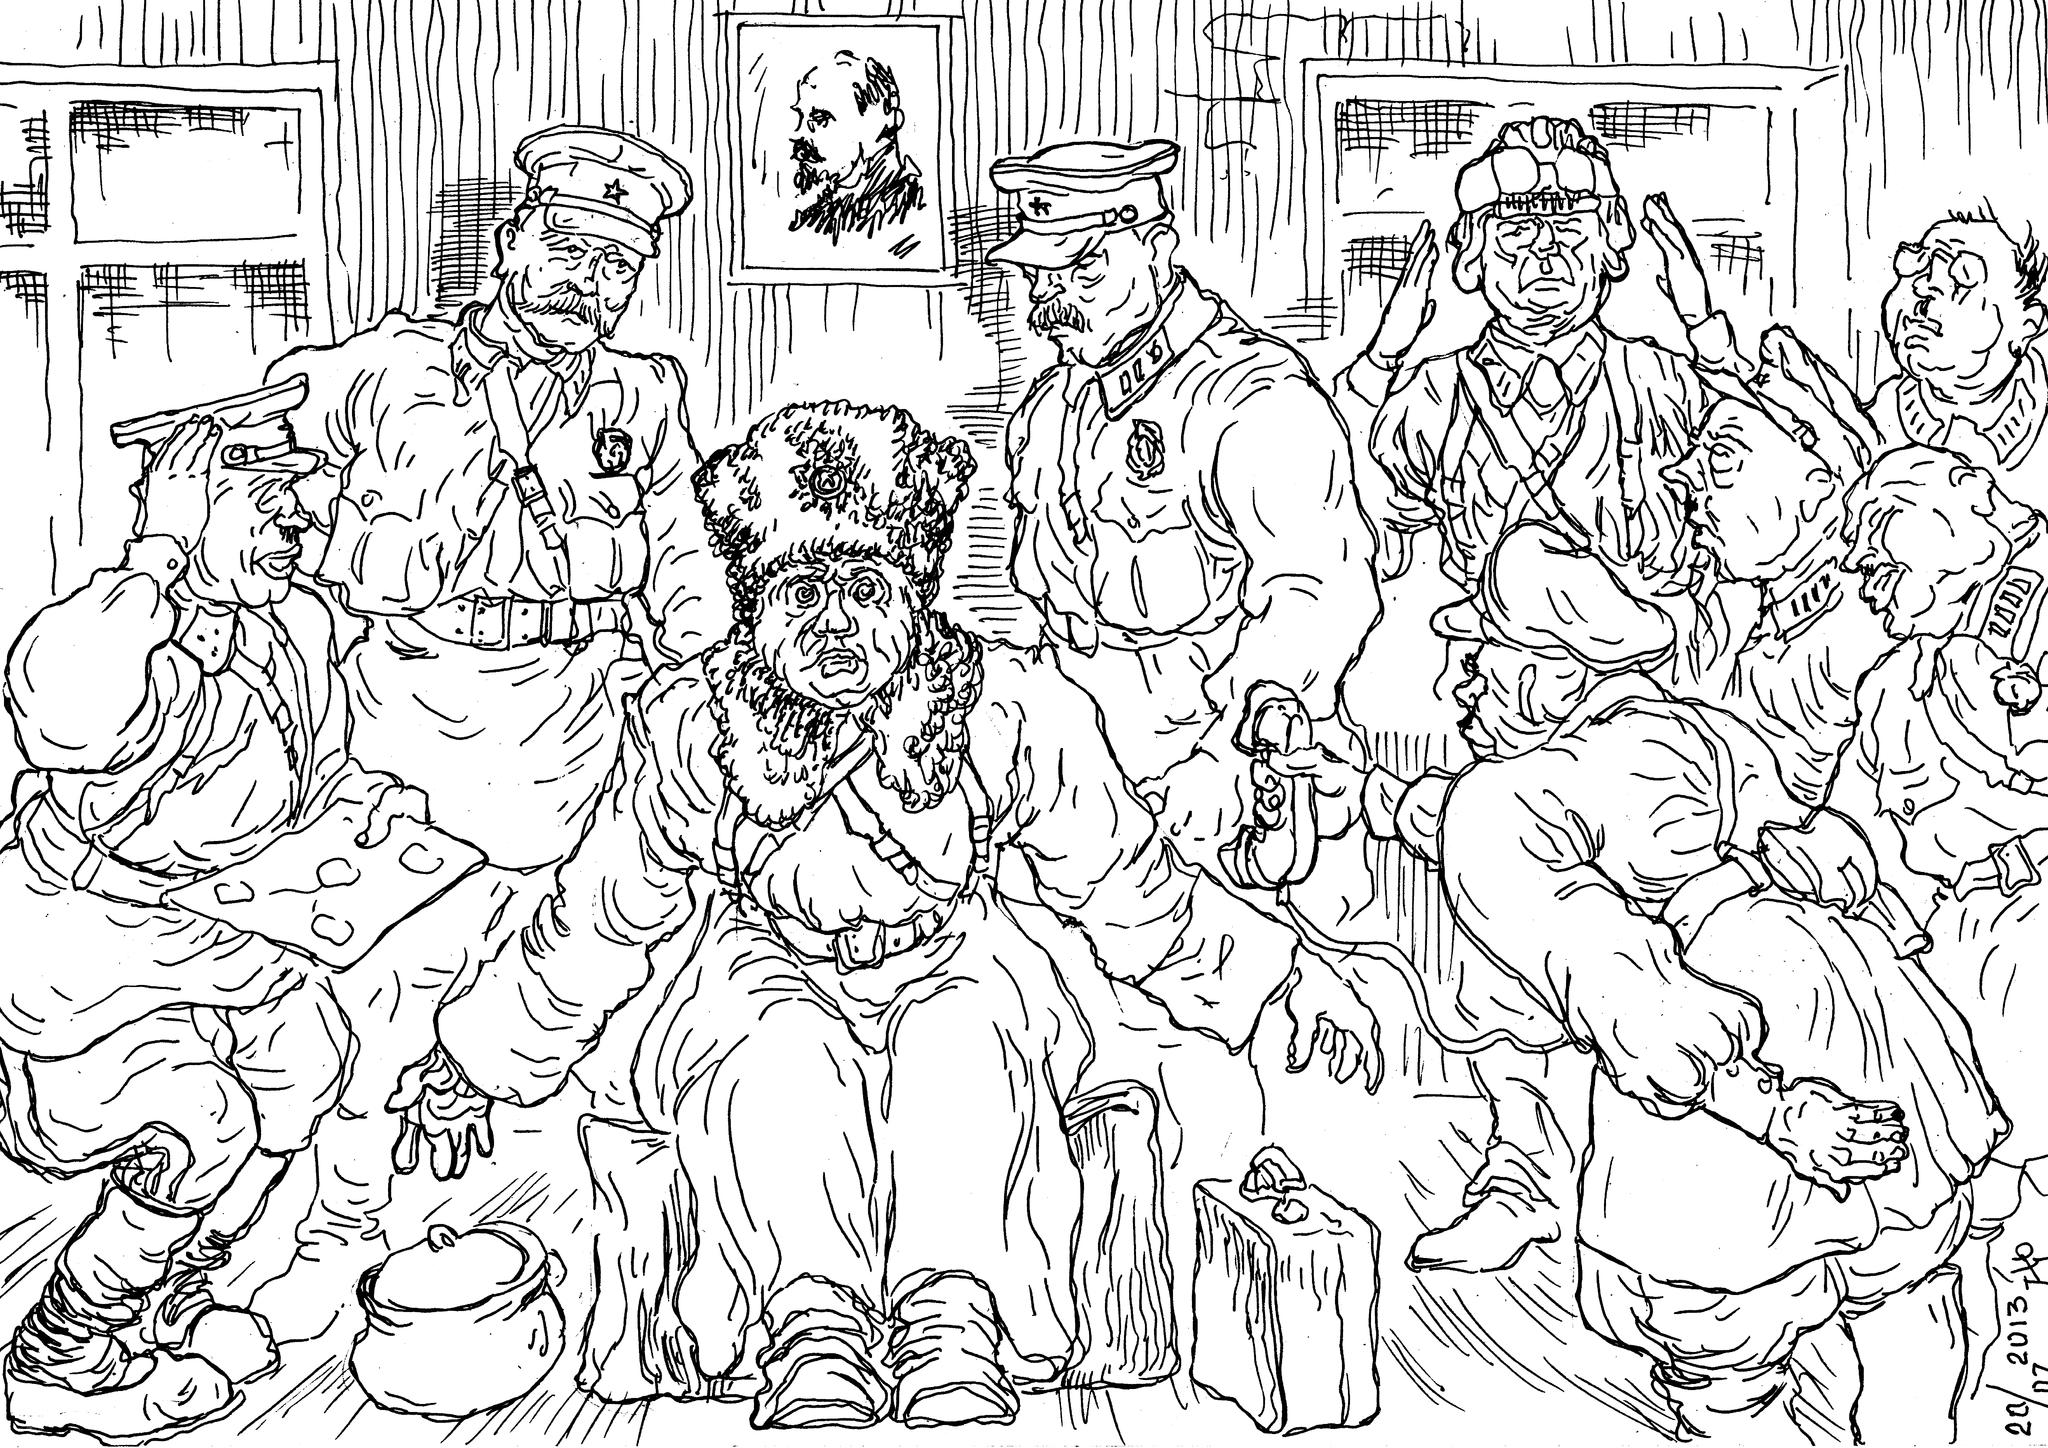 Прикреплённые командиры НКВД сами не побегут и других удержат